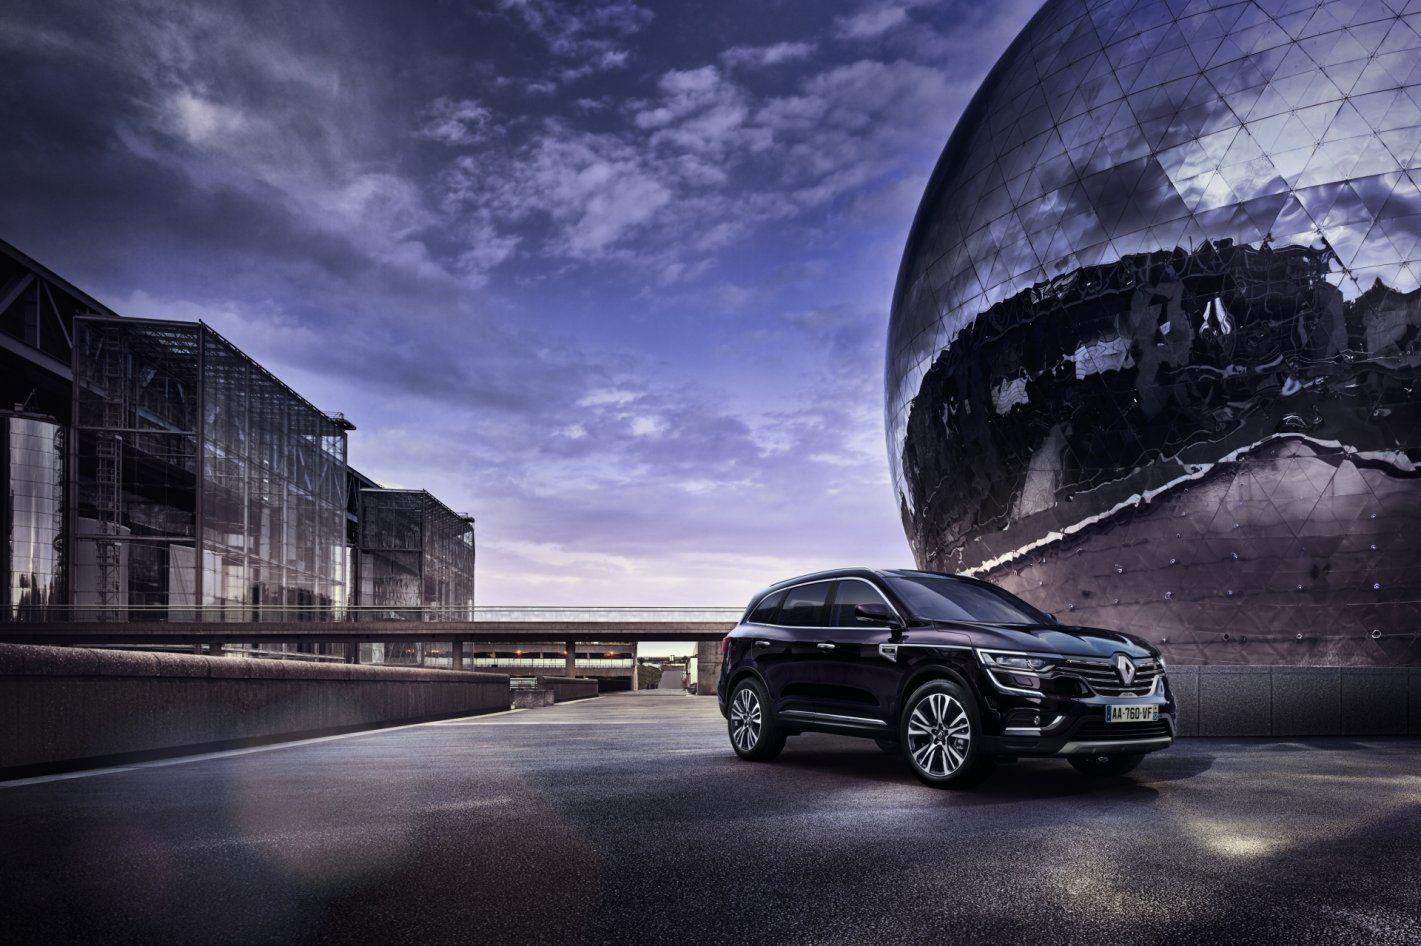 Renault Levert Koleos Vanaf Volgend Jaar Ook Als Extra Luxe Initiale Paris Met Afbeeldingen Luxe Modelauto Parijs